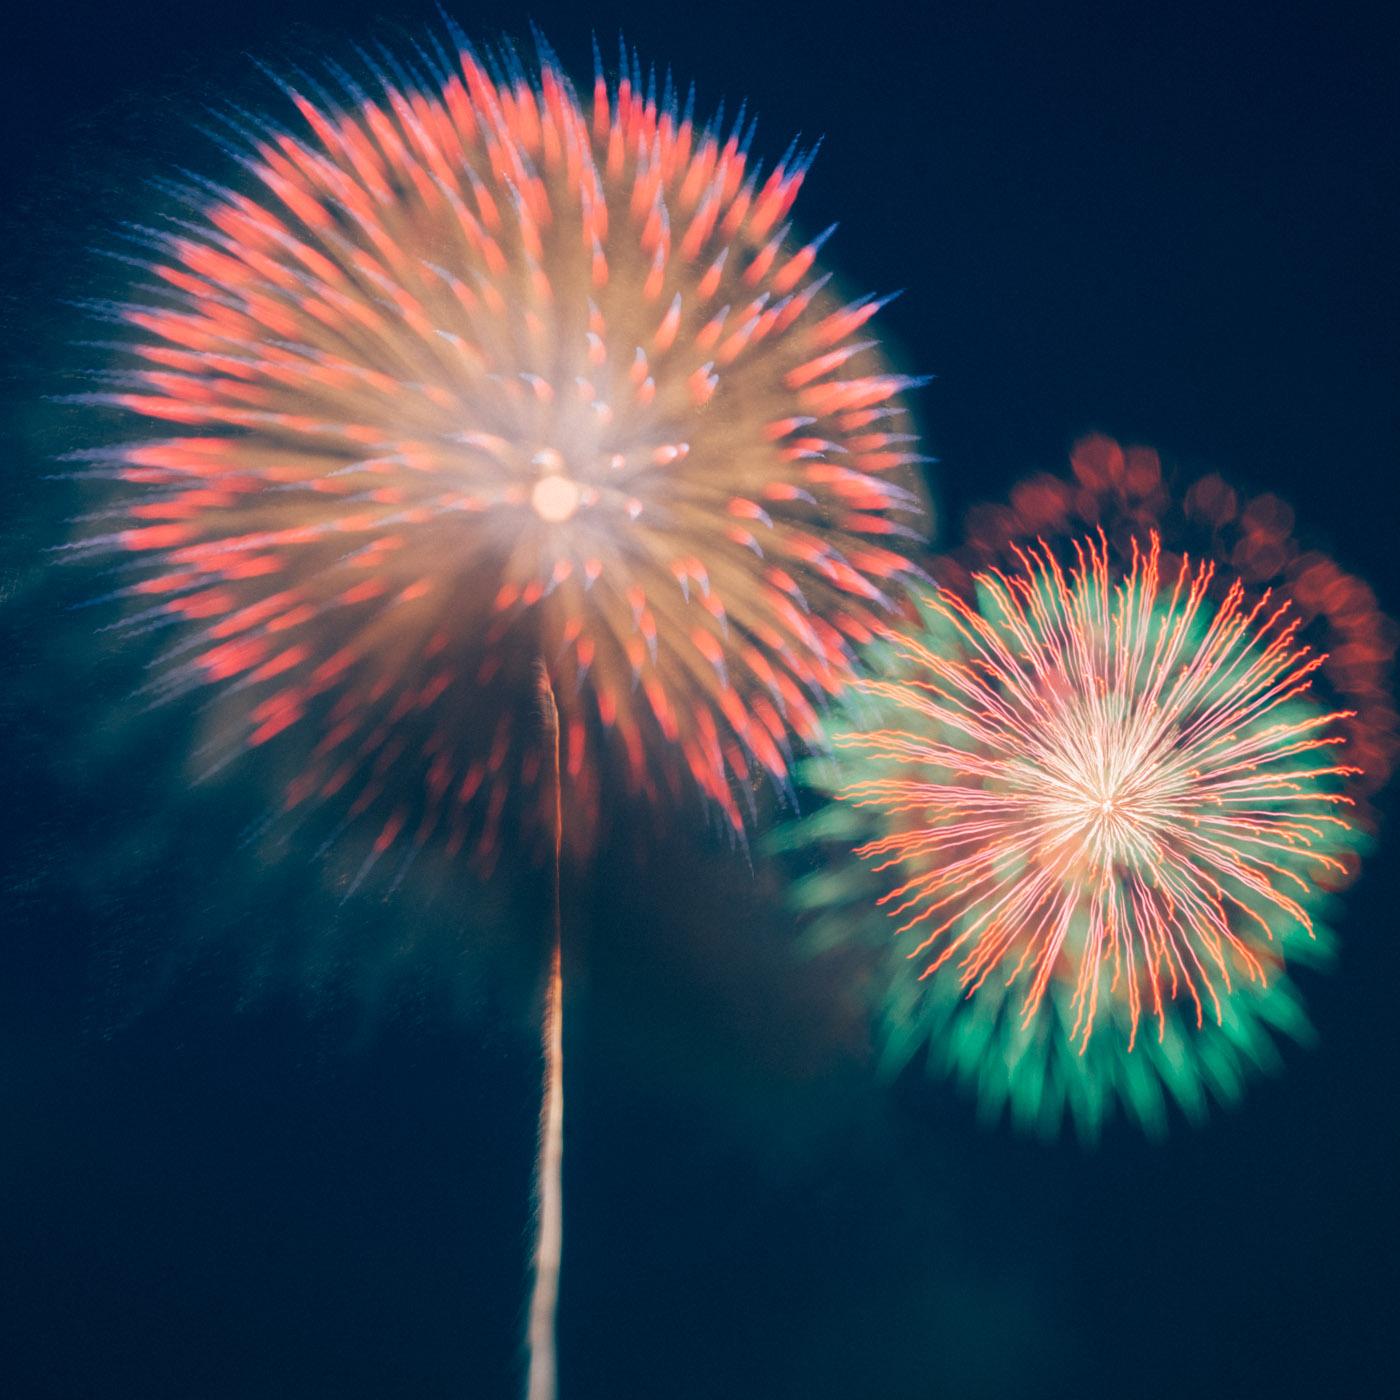 【初心者必見】夏なので、花火大会で美しい写真を撮るための方法を紹介します。